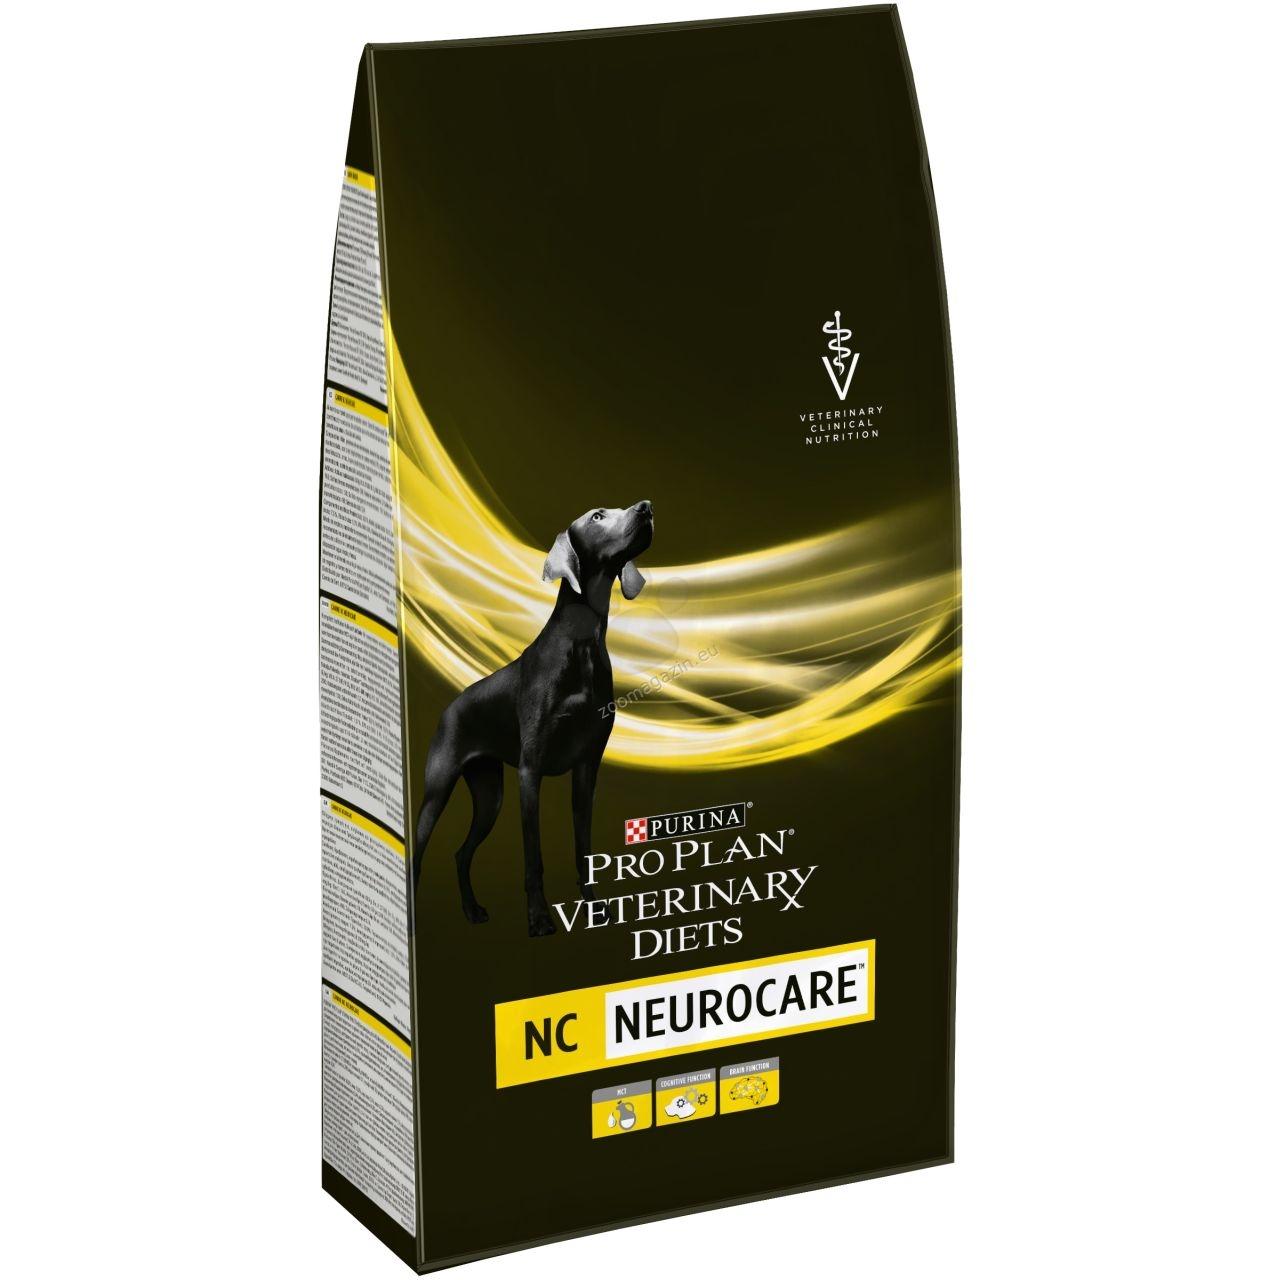 Purina NeuroCare NC - подържа когнитивното здраве и развитие на кучето 3 кг.